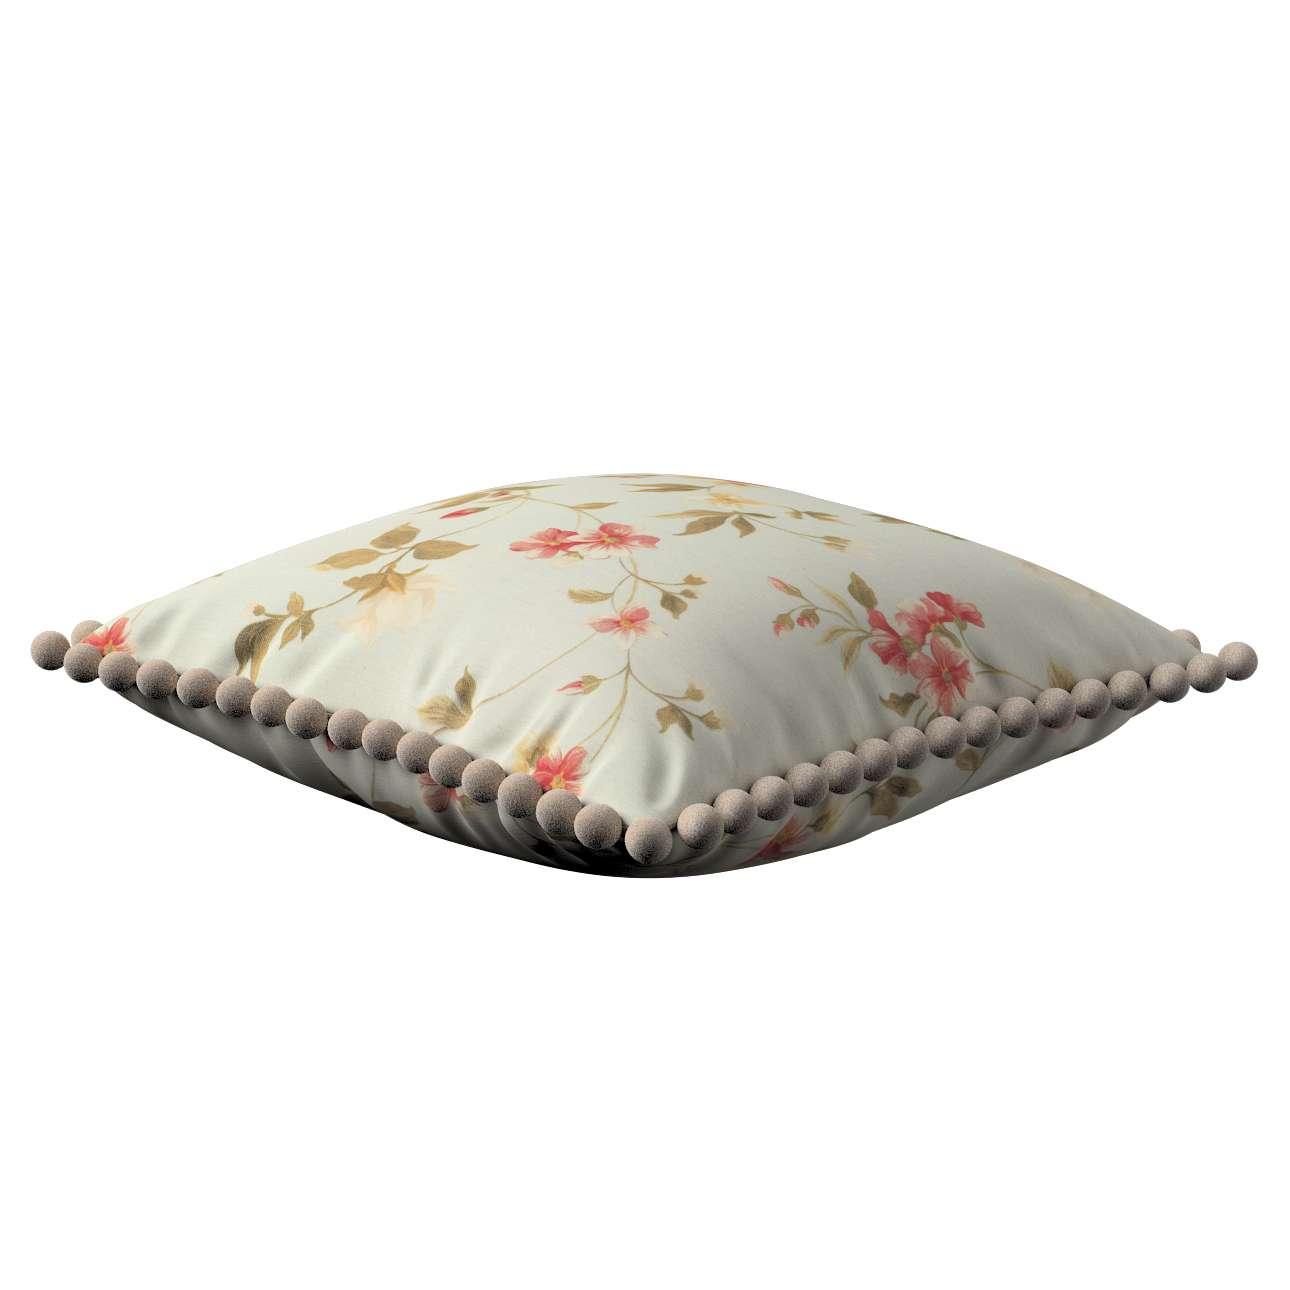 Wera dekoratyvinės pagalvėlės su žaismingais kraštais 45 x 45 cm kolekcijoje Londres, audinys: 124-65